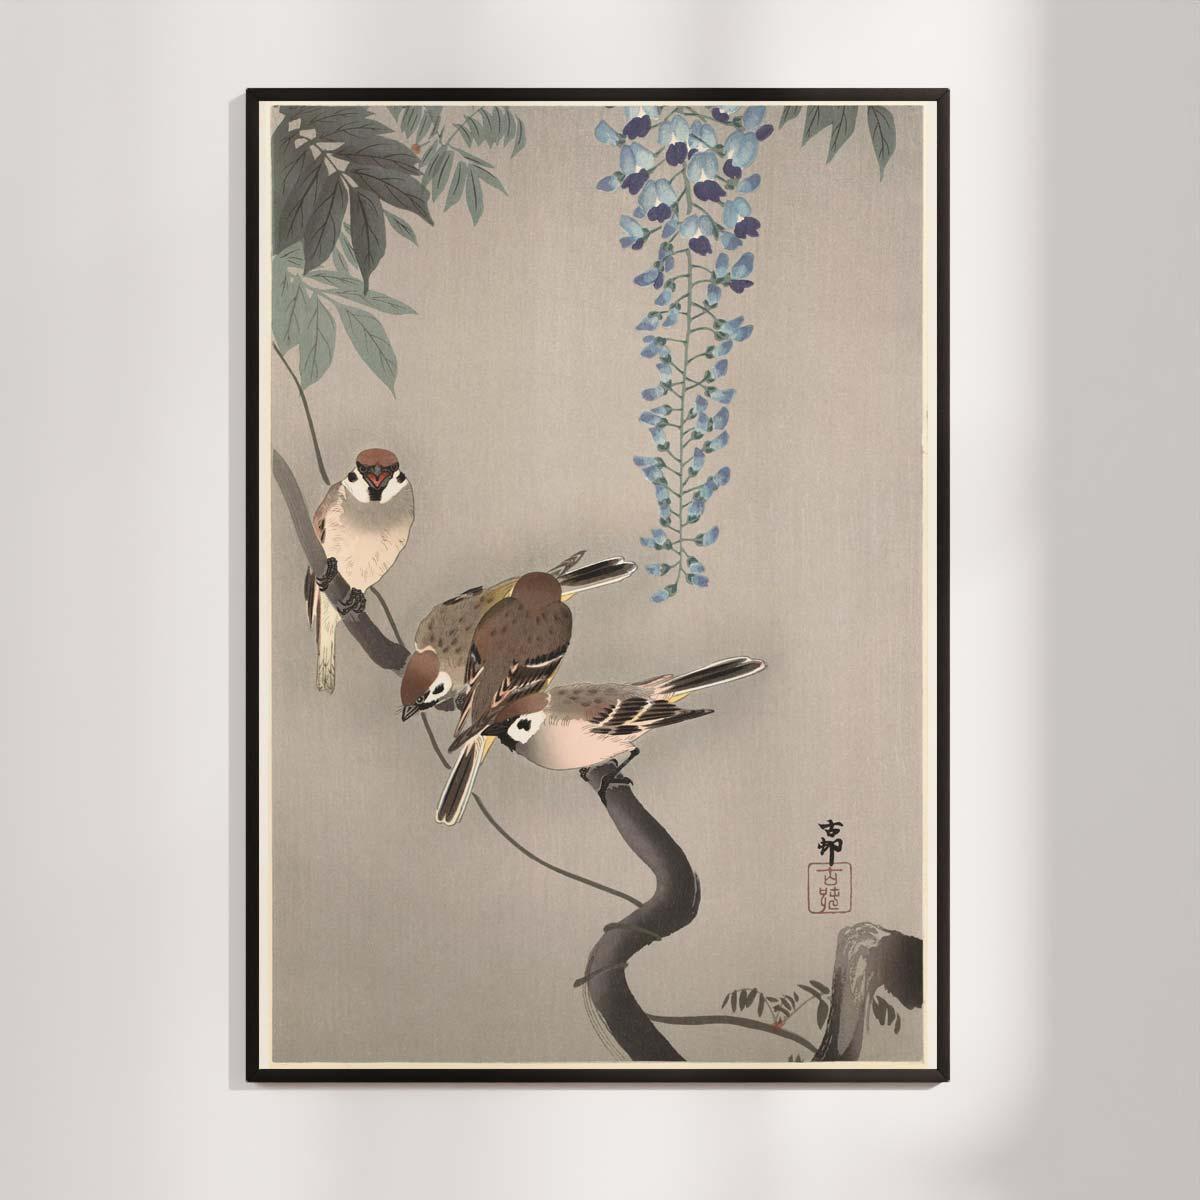 Plakat - Japansk Træsnit - Skovspurve i blåregn - Ohara Koson